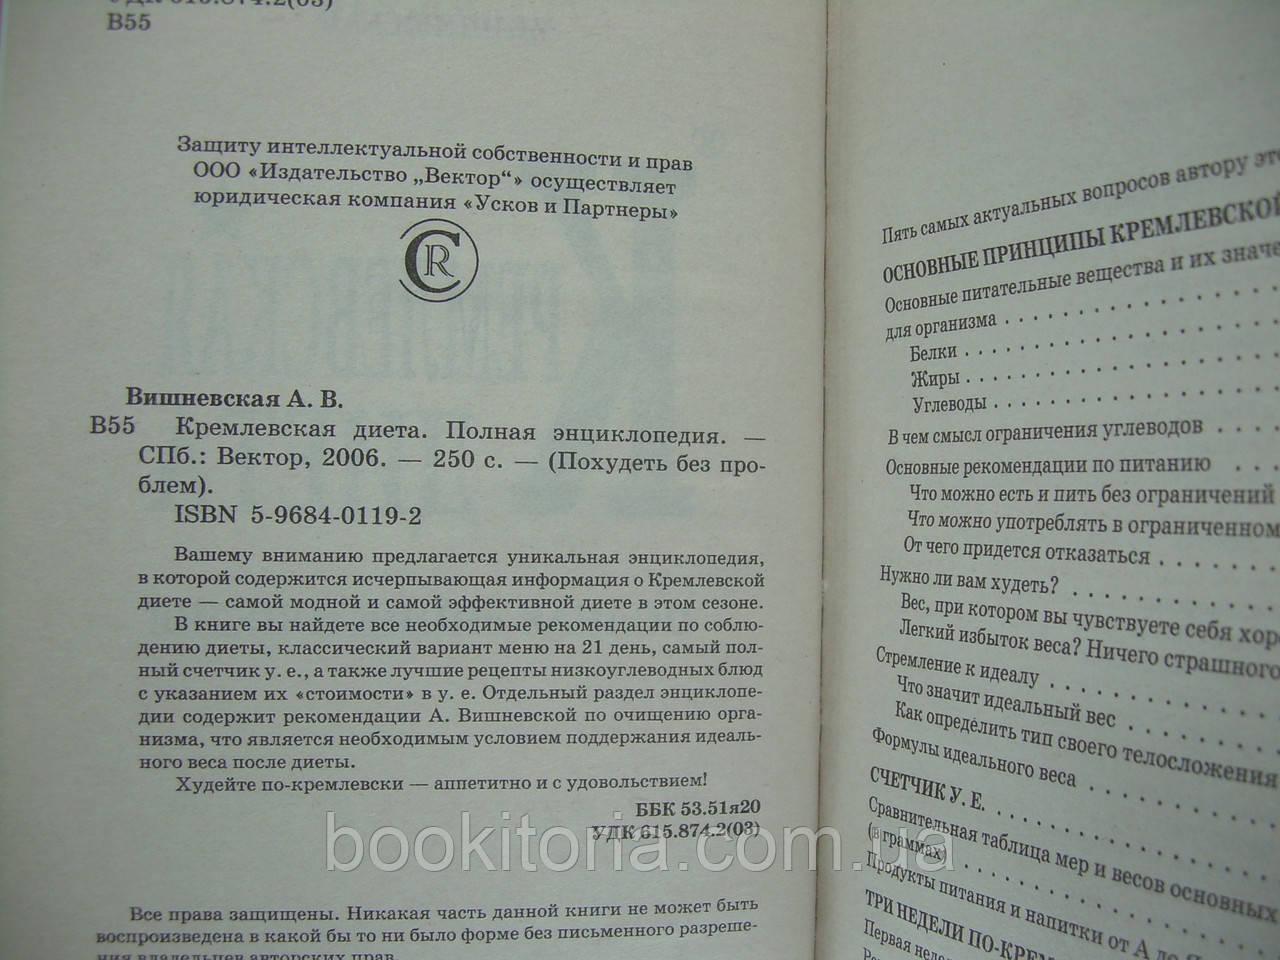 Б/у. Вишневская а. Кремлевская диета. , цена 185 грн. , купить в.